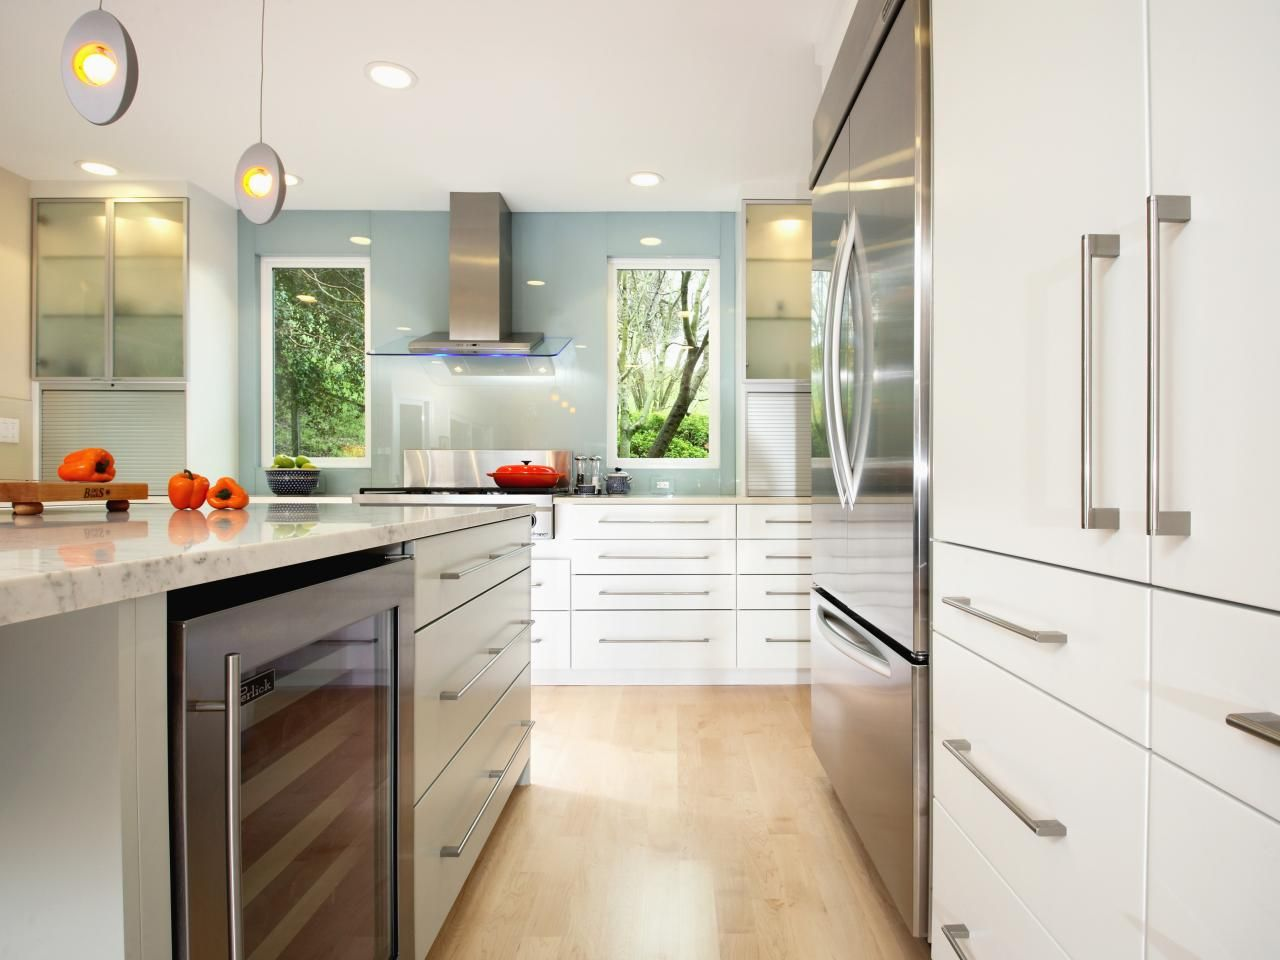 Ideen für die küche in farbe  beste weiße moderne küchenschränke ideen  küche design